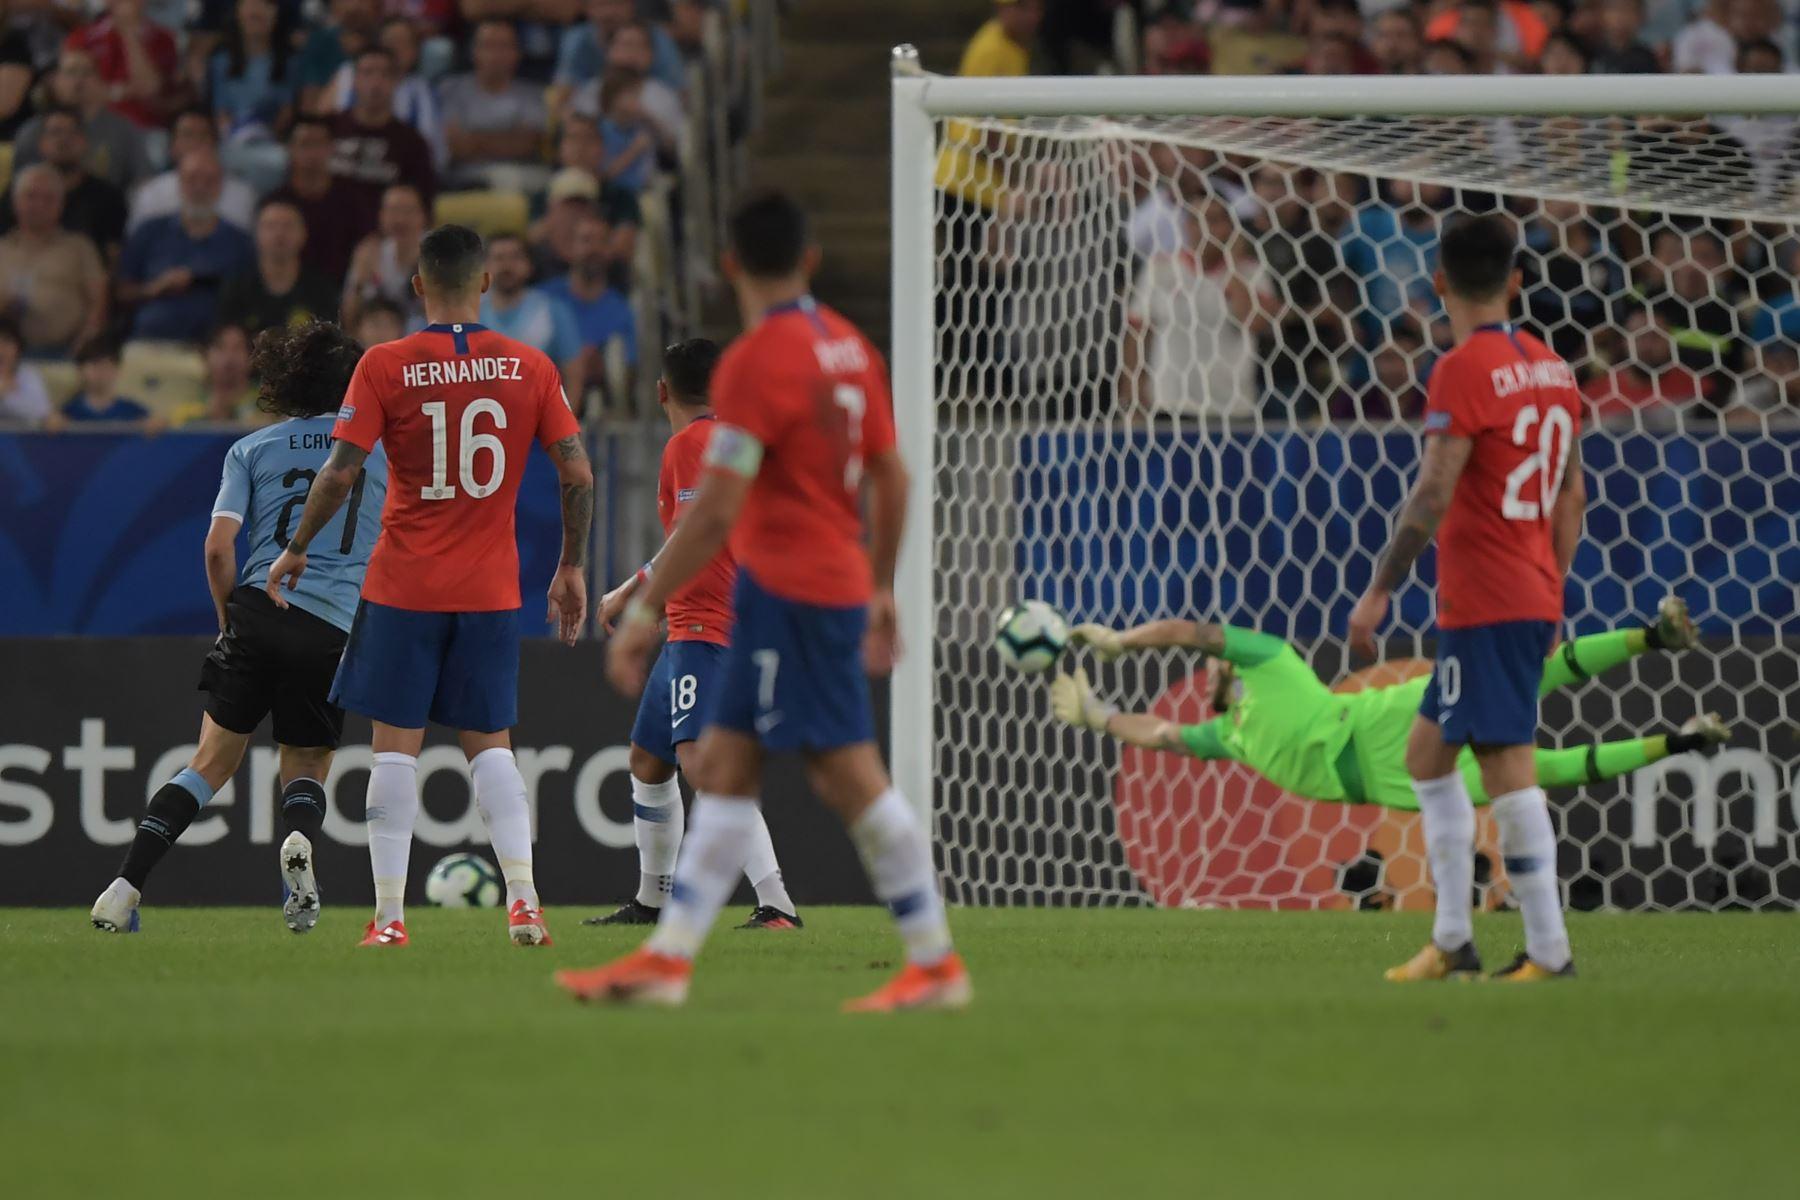 Edinson Cavani (L), de Uruguay, supera al portero de Chile Gabriel Arias durante su partido de torneo de fútbol de la Copa América en el estadio Maracana en Río de Janeiro, Brasil. Foto:AFP